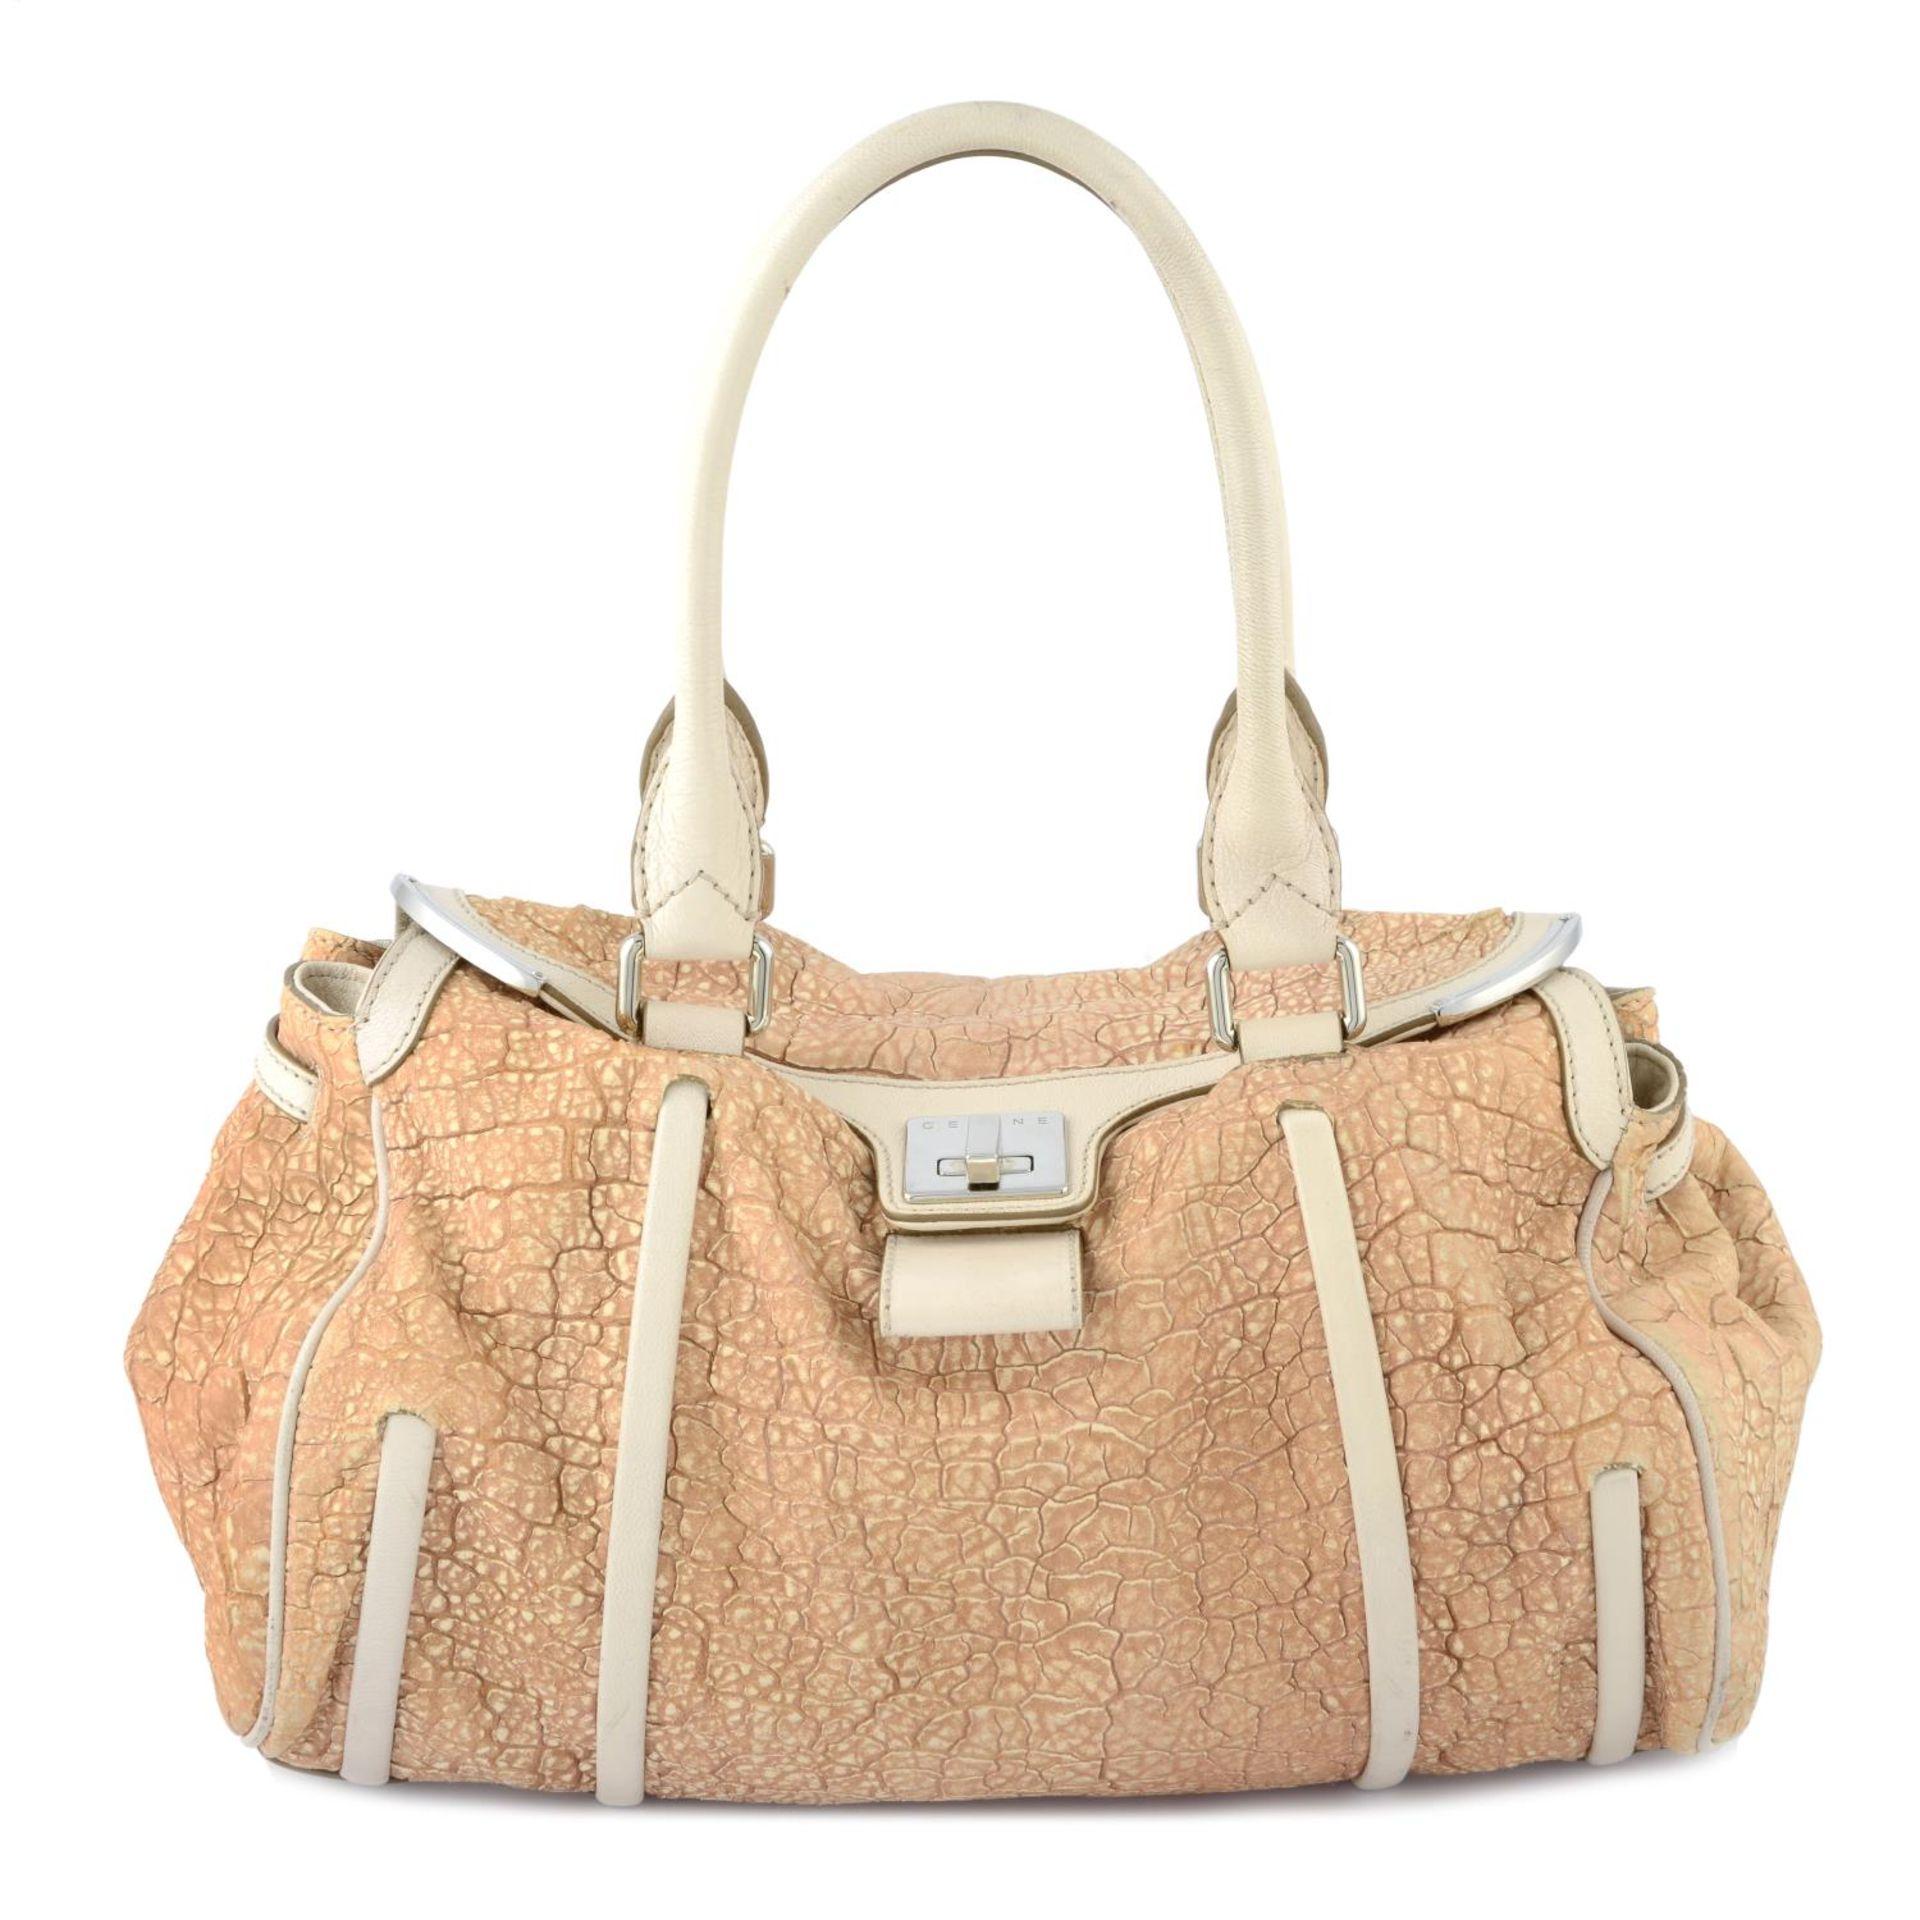 CÉLINE - a nude textured leather handbag.